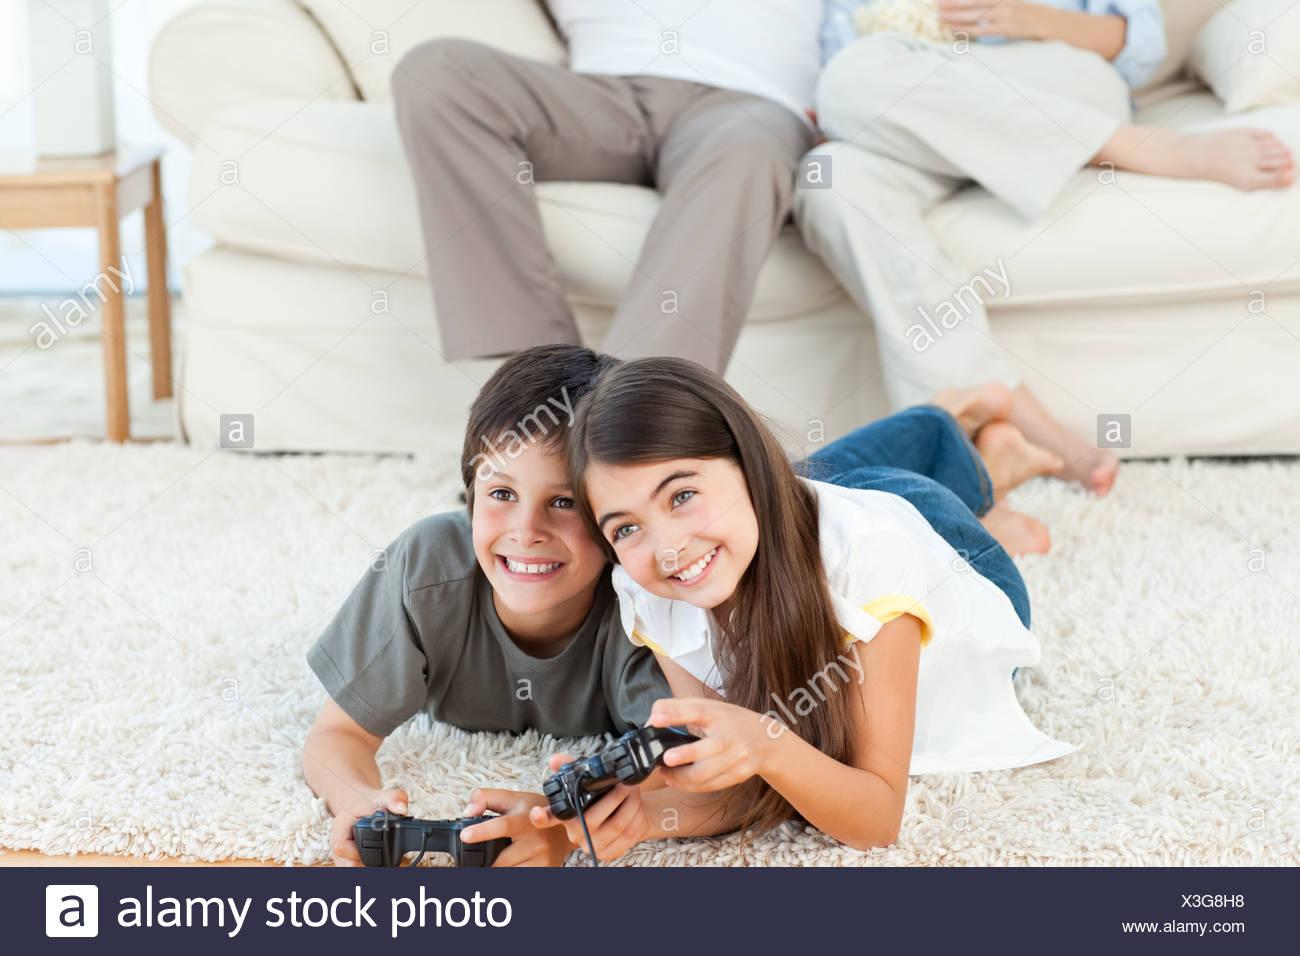 Ninos Jugando Videojuegos Mientras Sus Padres Estan Hablando Foto